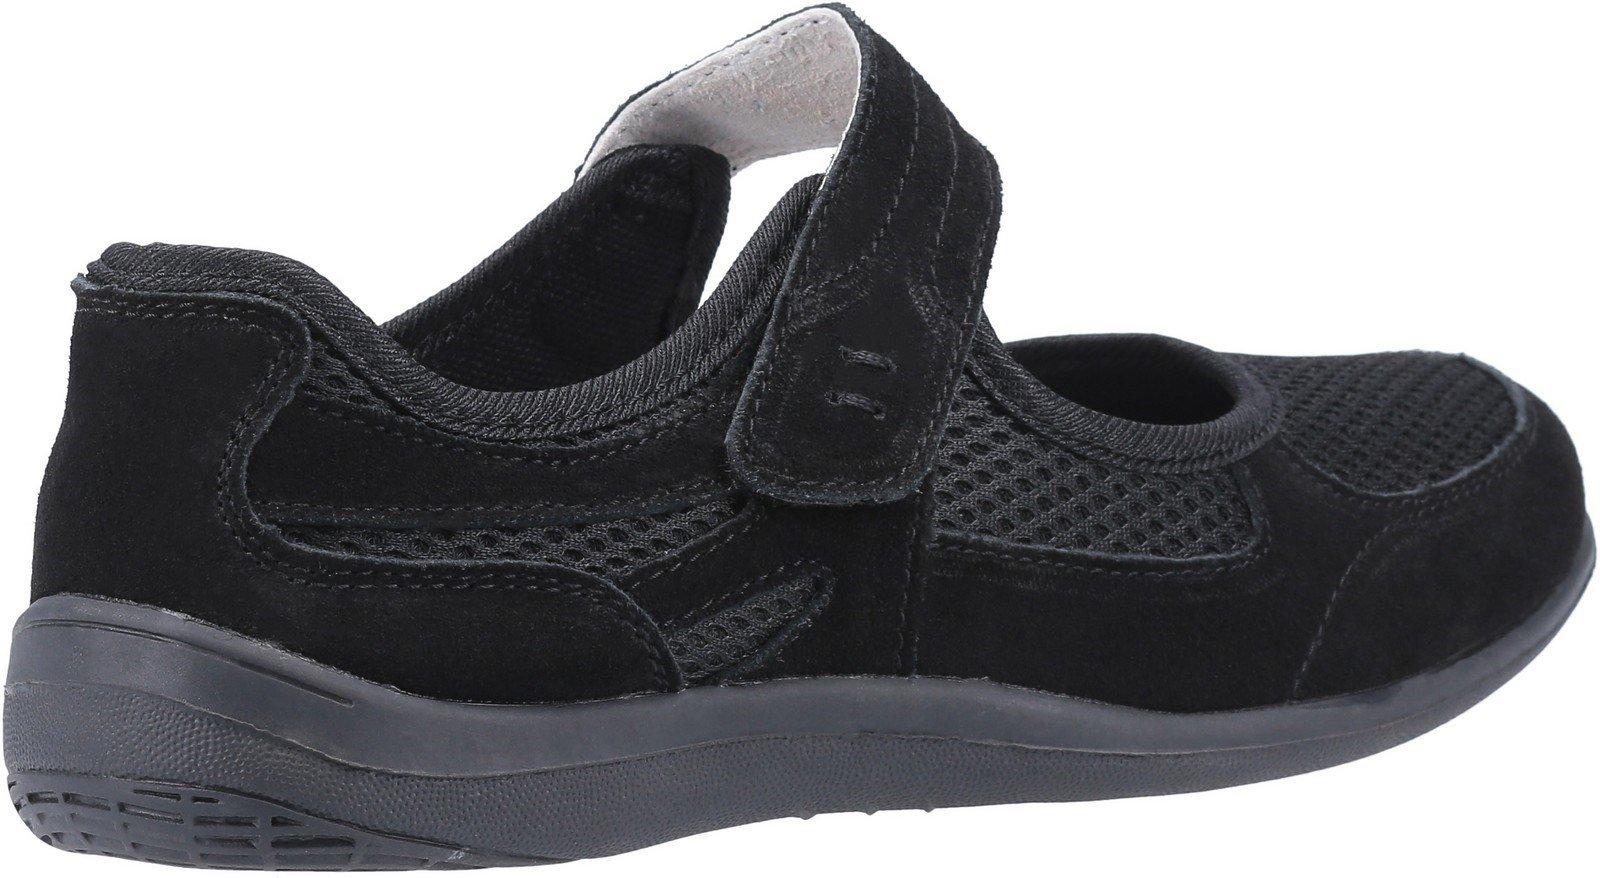 Fleet & Foster Women's Morgan Touch Slip on Sandal Various Colours 30110-51113 - Black 5